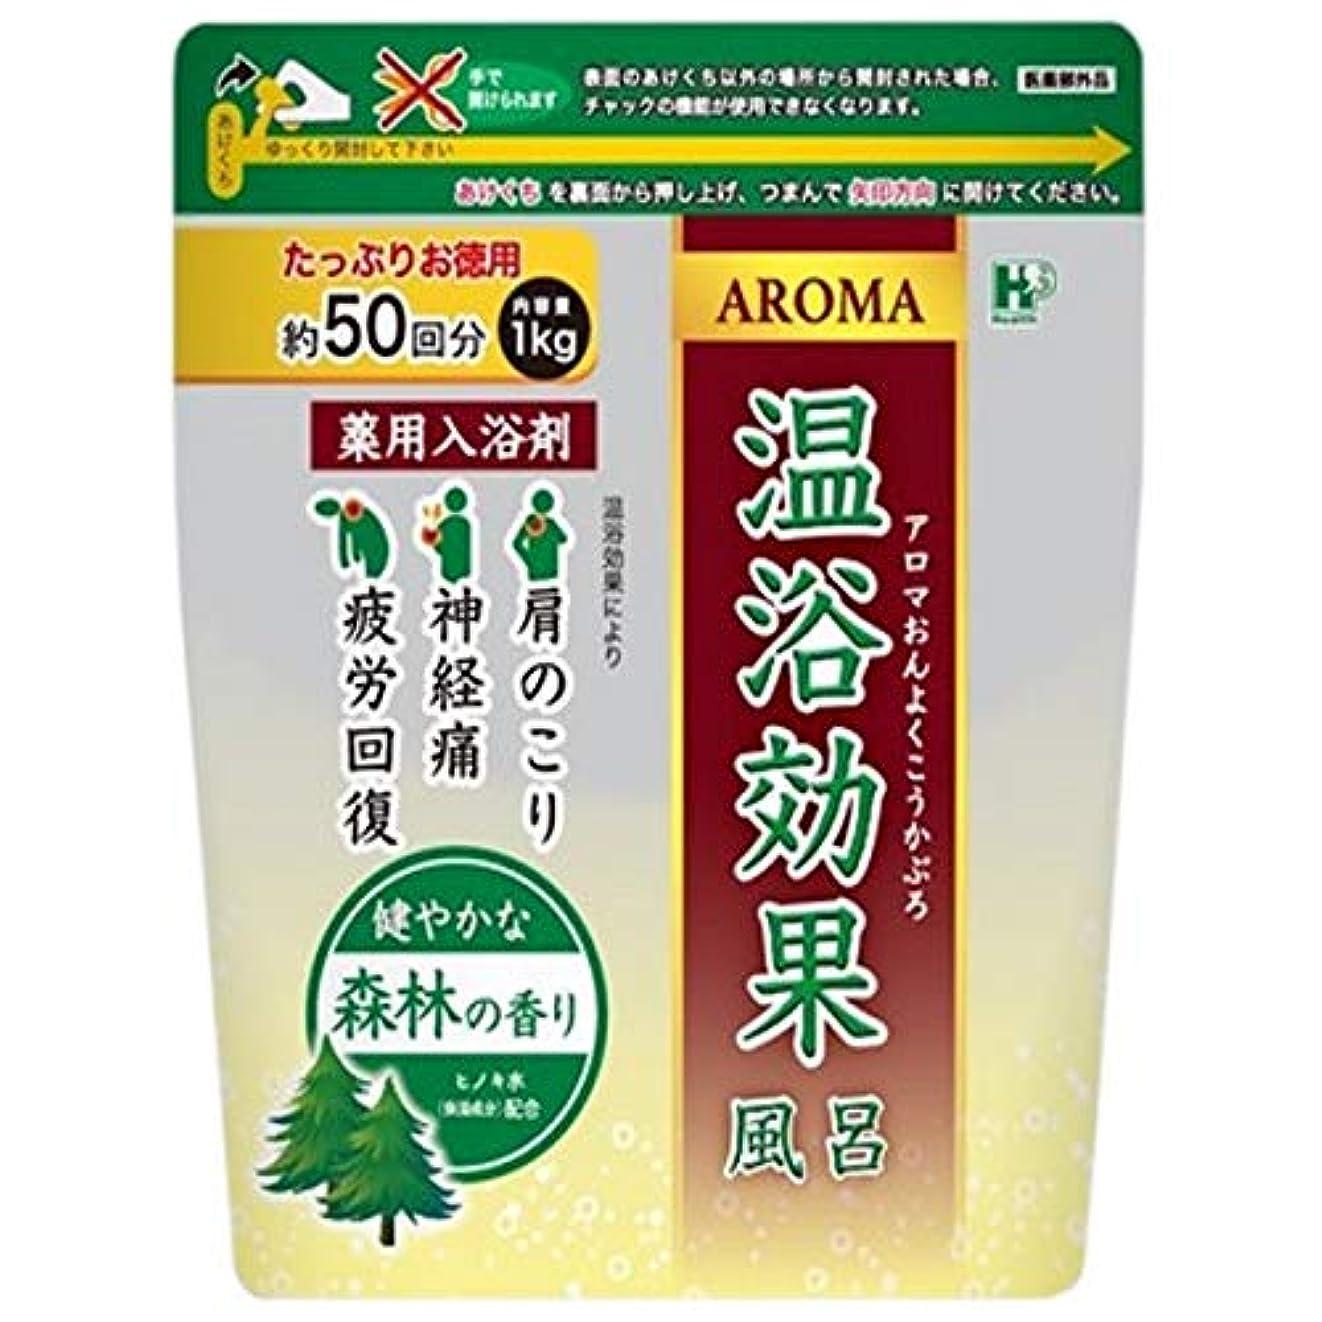 大きさフラグラントマグ薬用入浴剤 アロマ温浴効果風呂 森林 1kg×10袋入